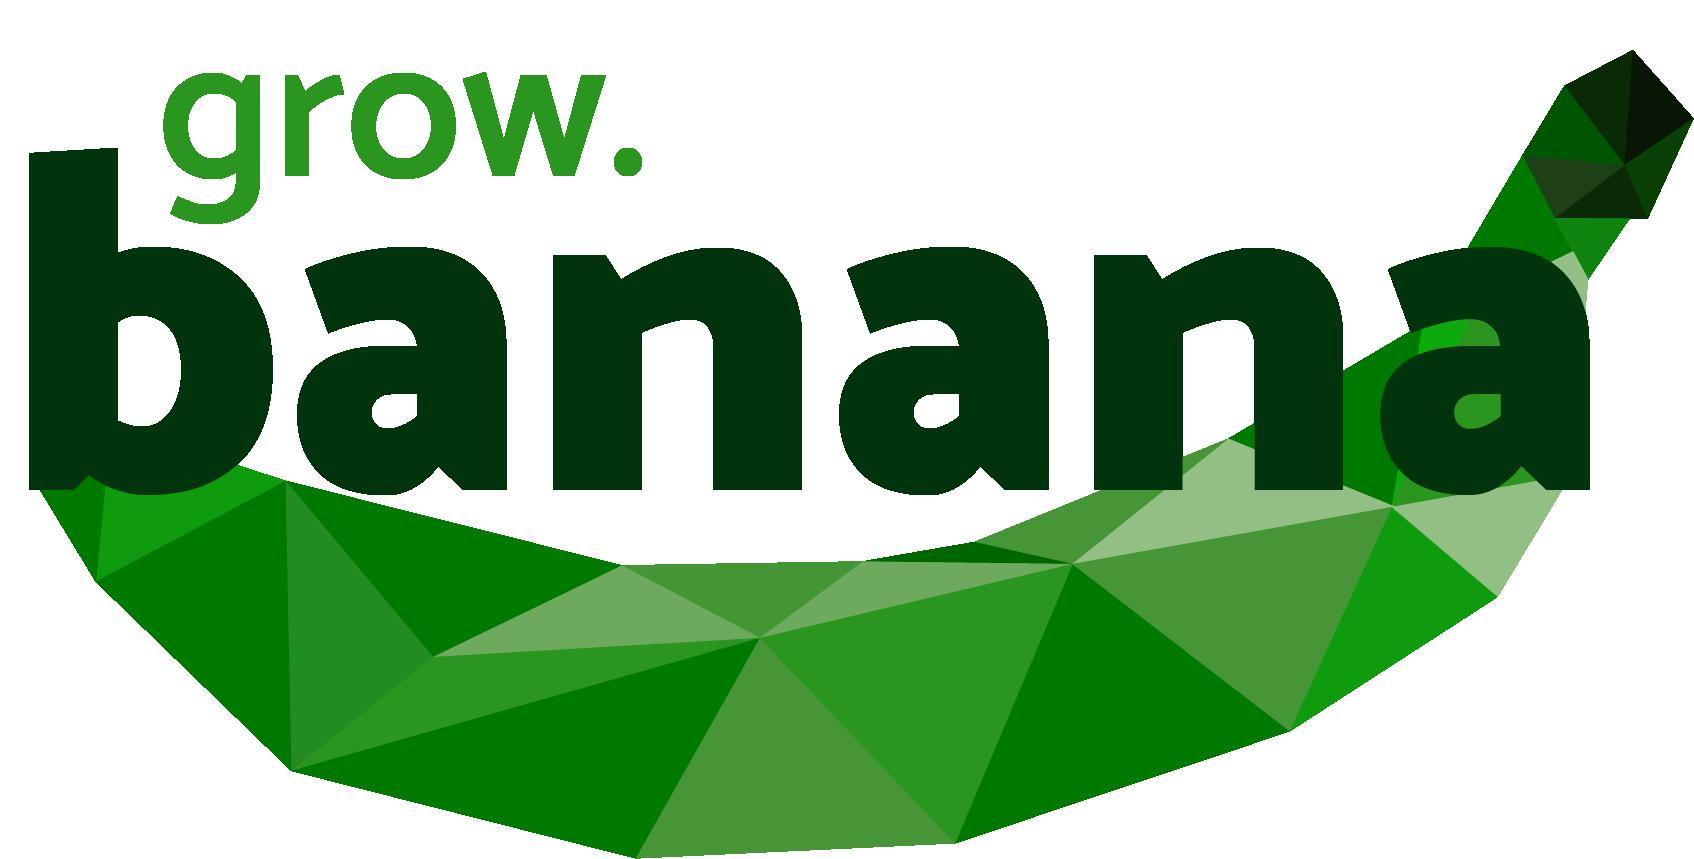 Grow-Banana-logo-SEO-SEA-Social-advertising